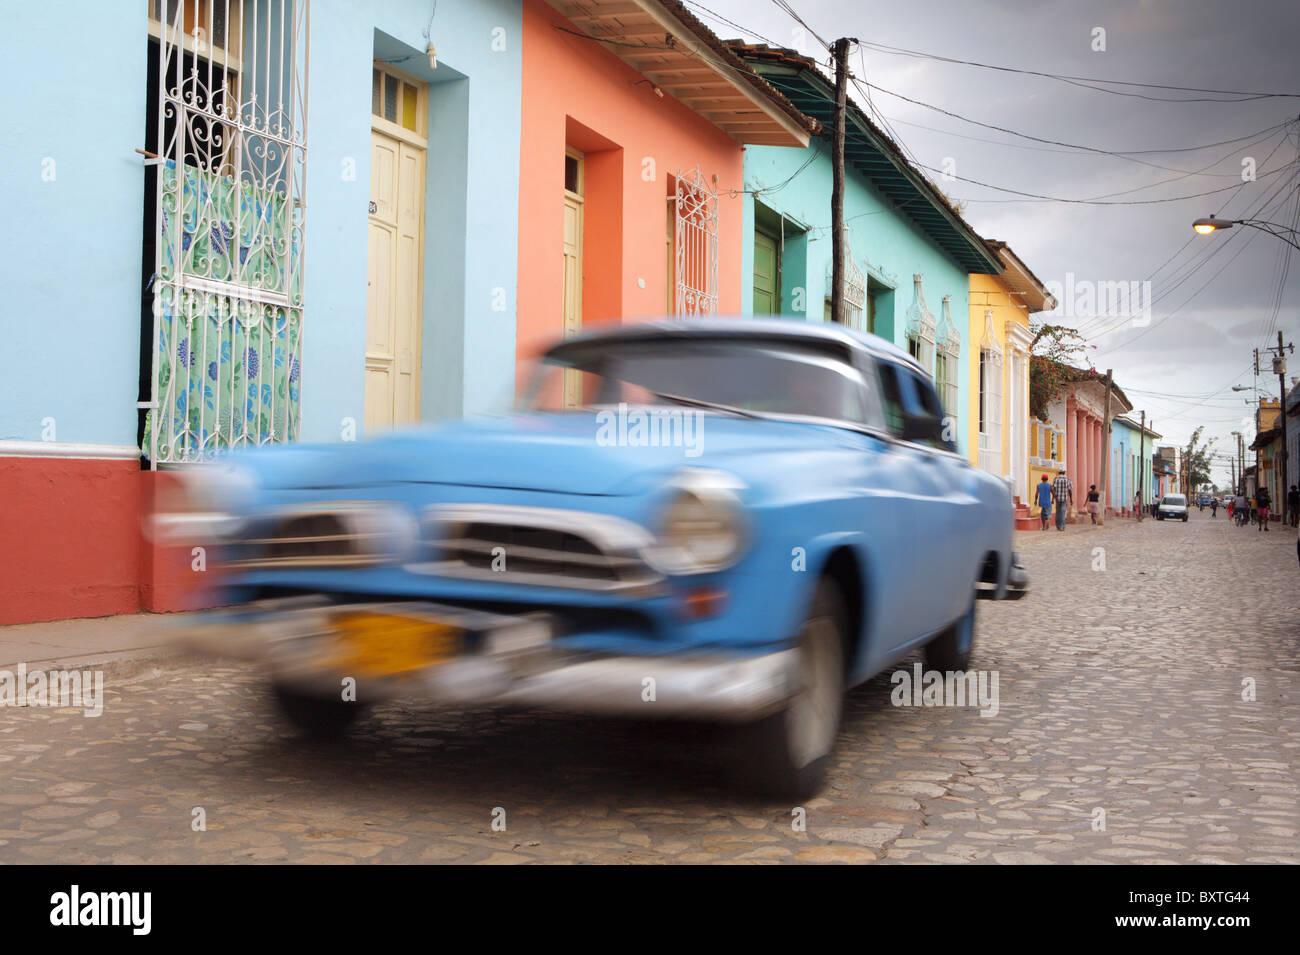 TRINIDAD: VOITURE DE COLLECTION SUR LA RUE COLONIALE colorée Banque D'Images